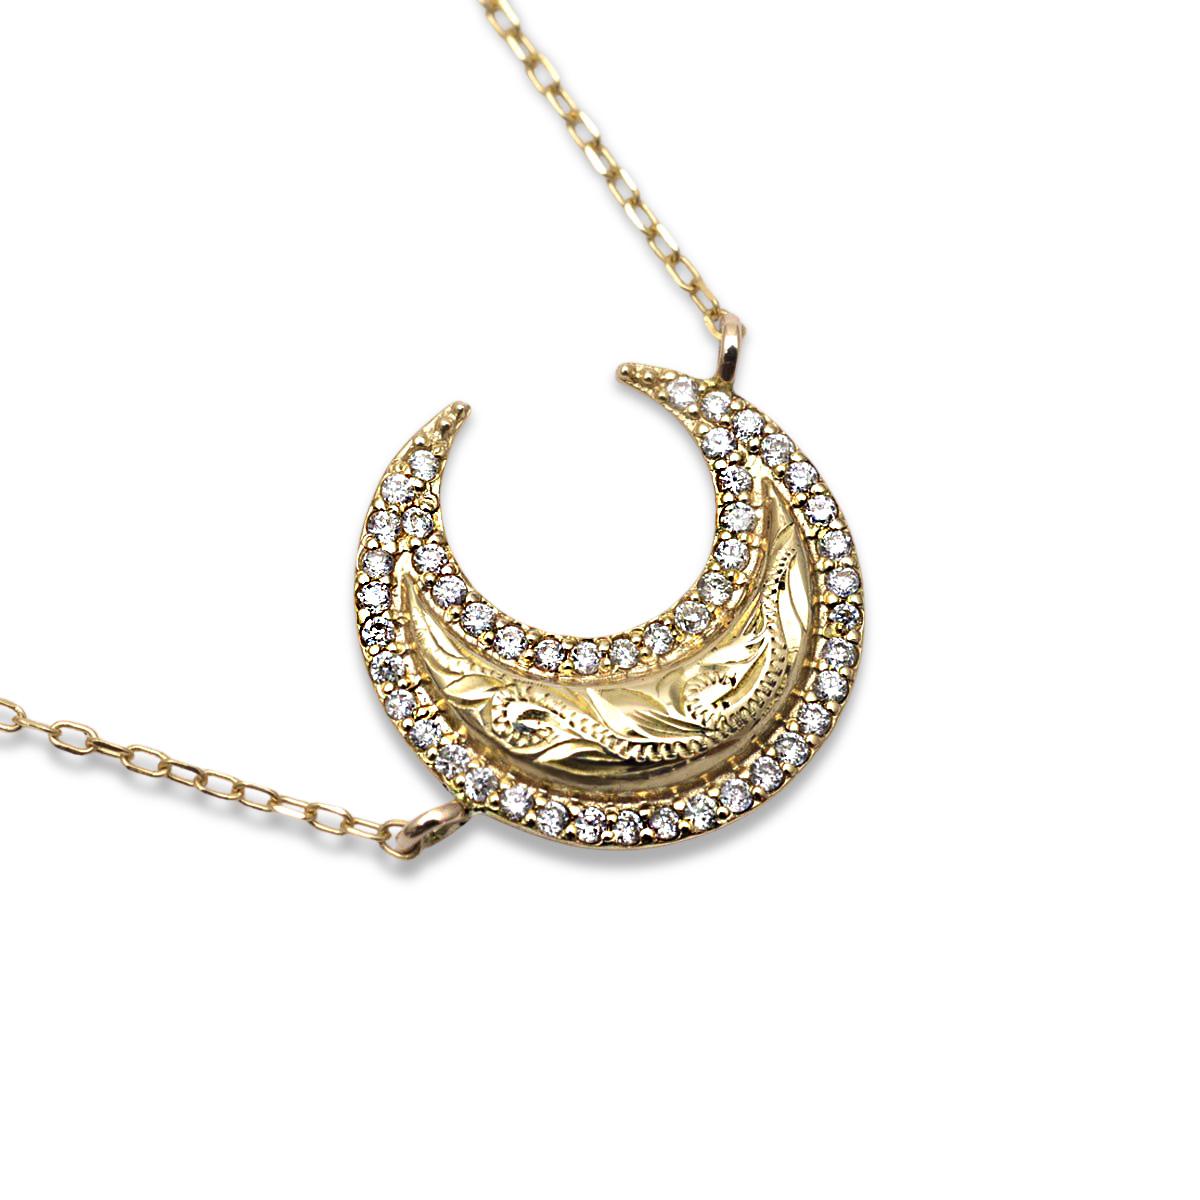 ハワイアンジュエリー k10ネックレス 10金 ゴールド ダイヤモンド  (Weliana) スクロールクレッセント ダイヤモンドネックレス 0.12ct /新作